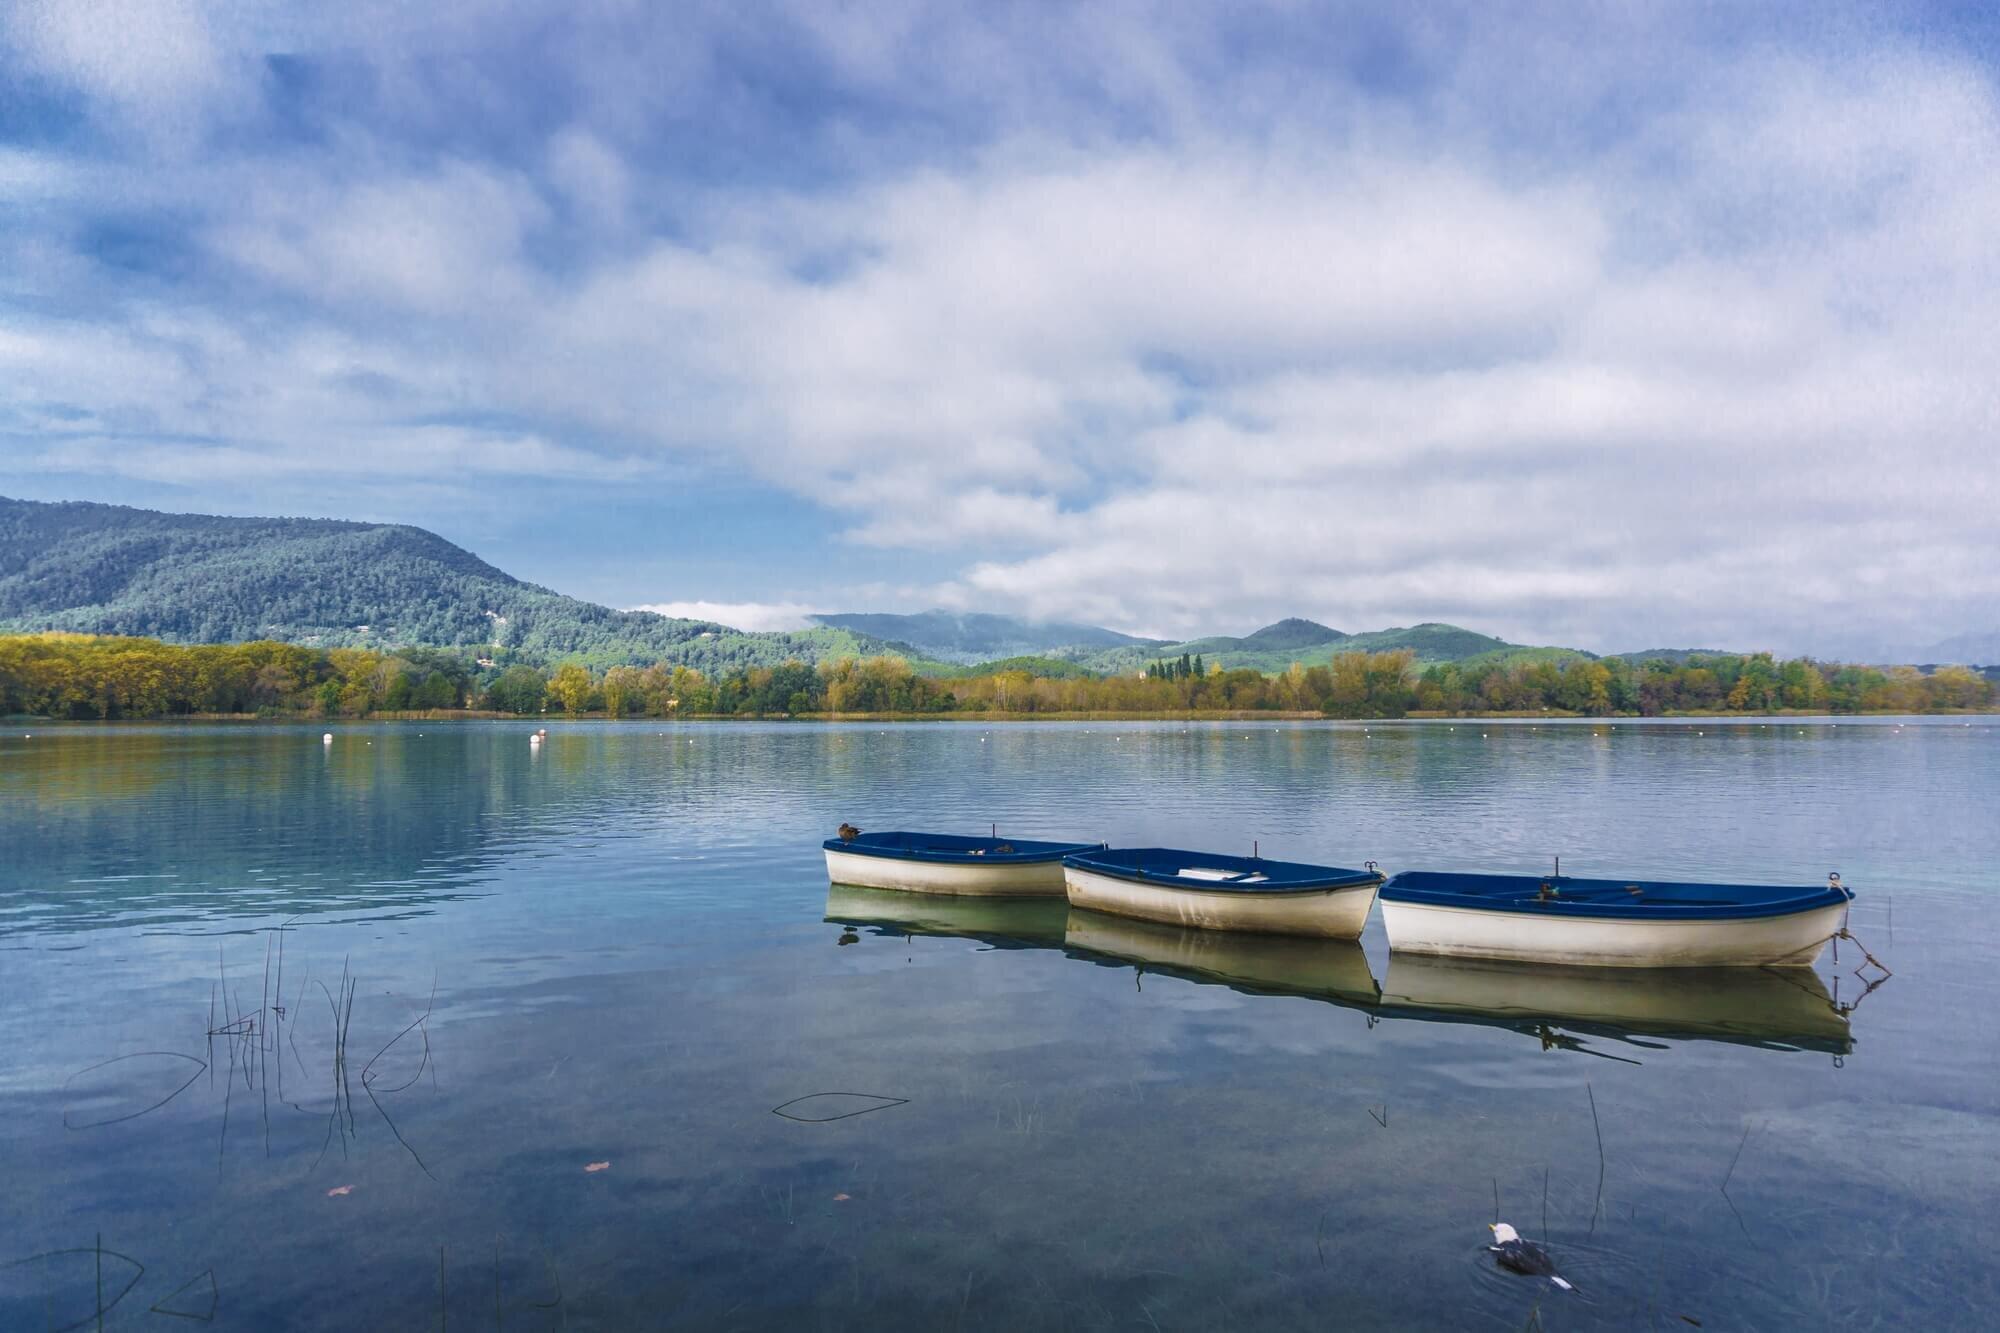 אגם בניולס, ספרד -  Banyoles lake, Spain